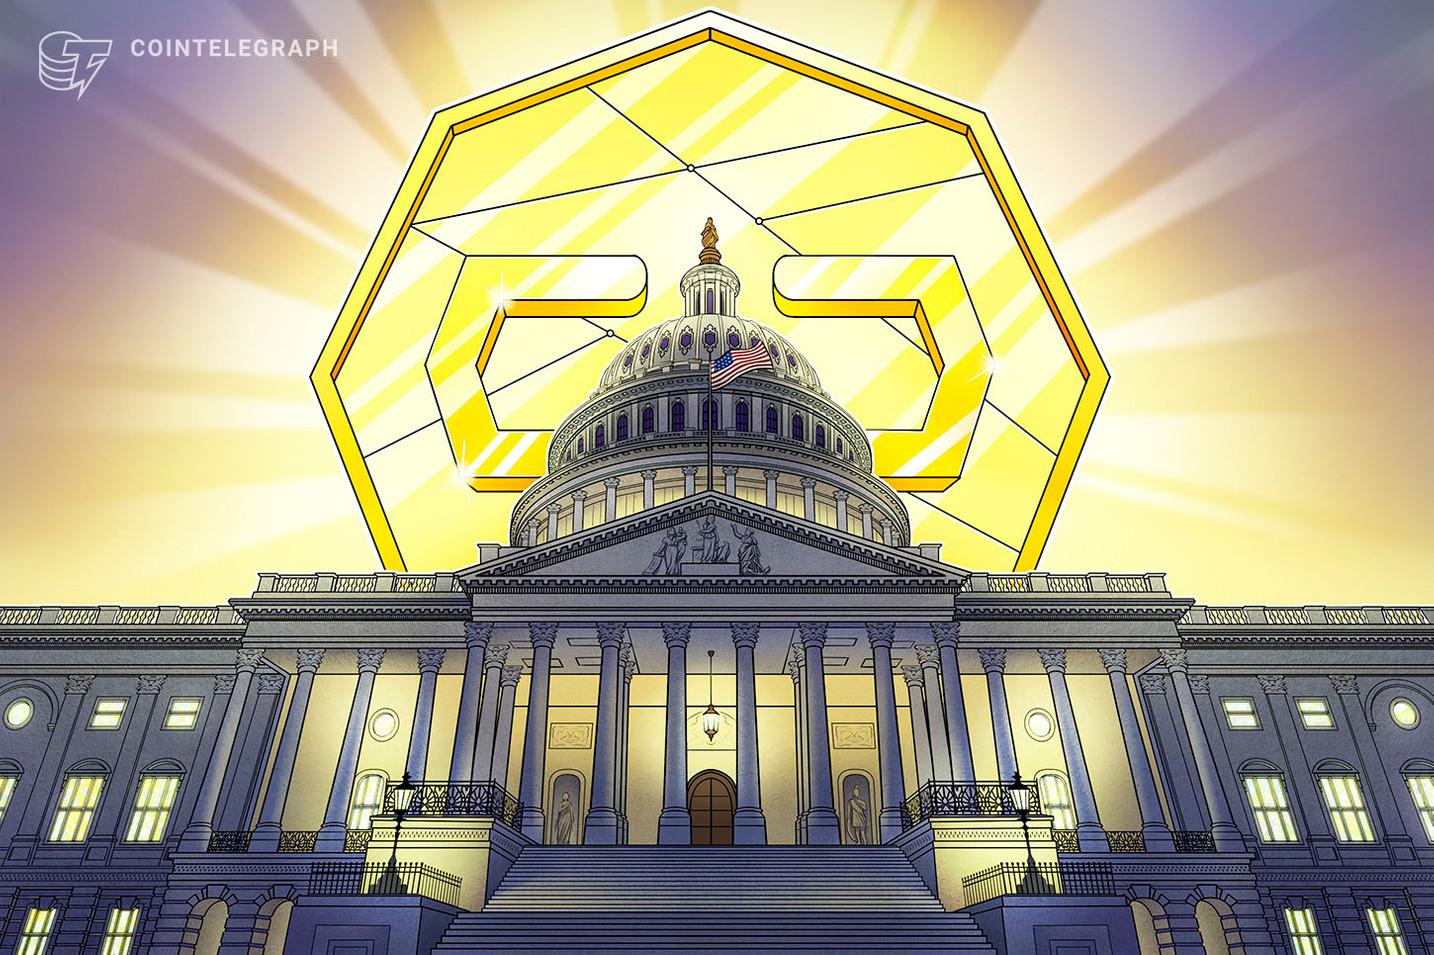 Última hora: La Casa Blanca confirma su apoyo a pequeños cambios en la propuesta de impuestos sobre las criptomonedas